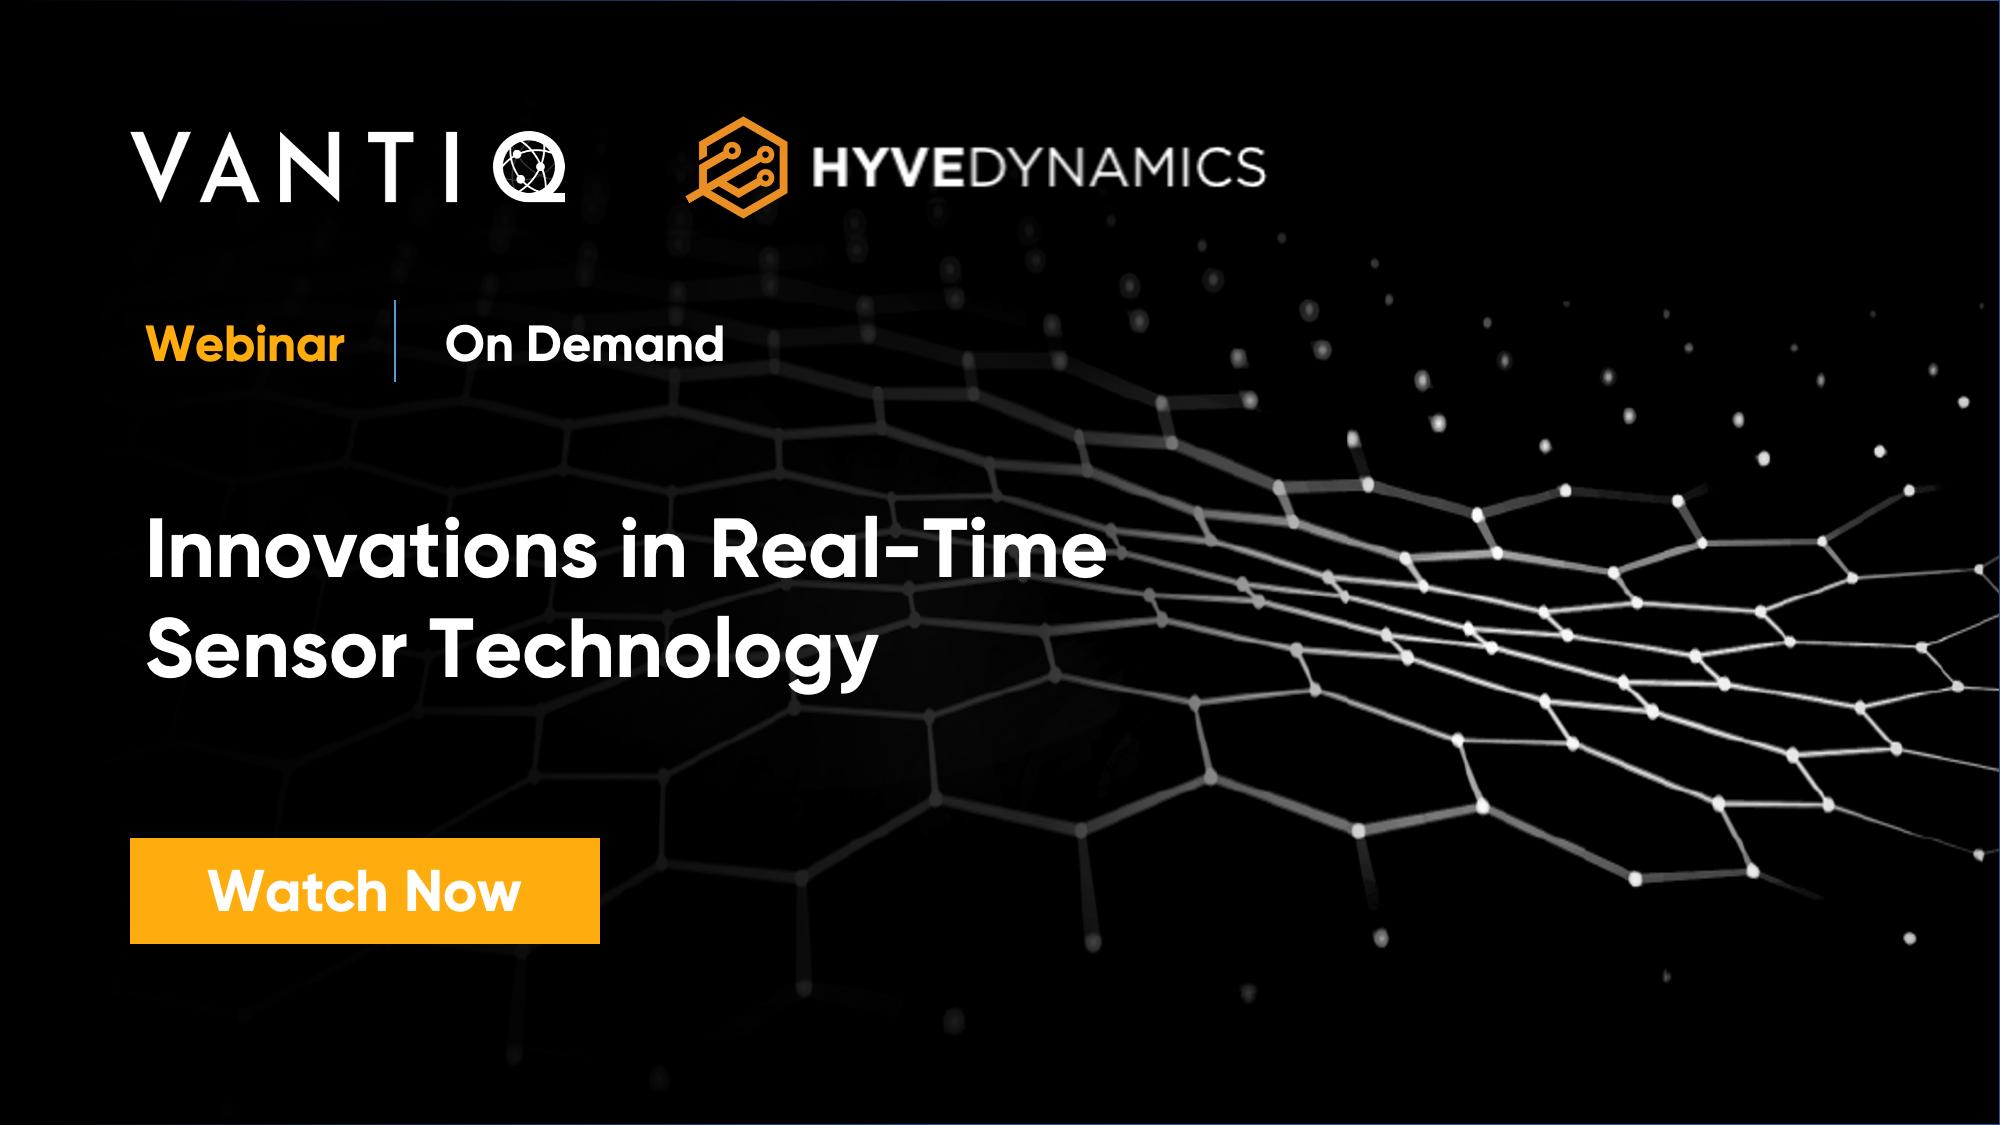 Hyve Dynamics Vantiq Webinar On demand